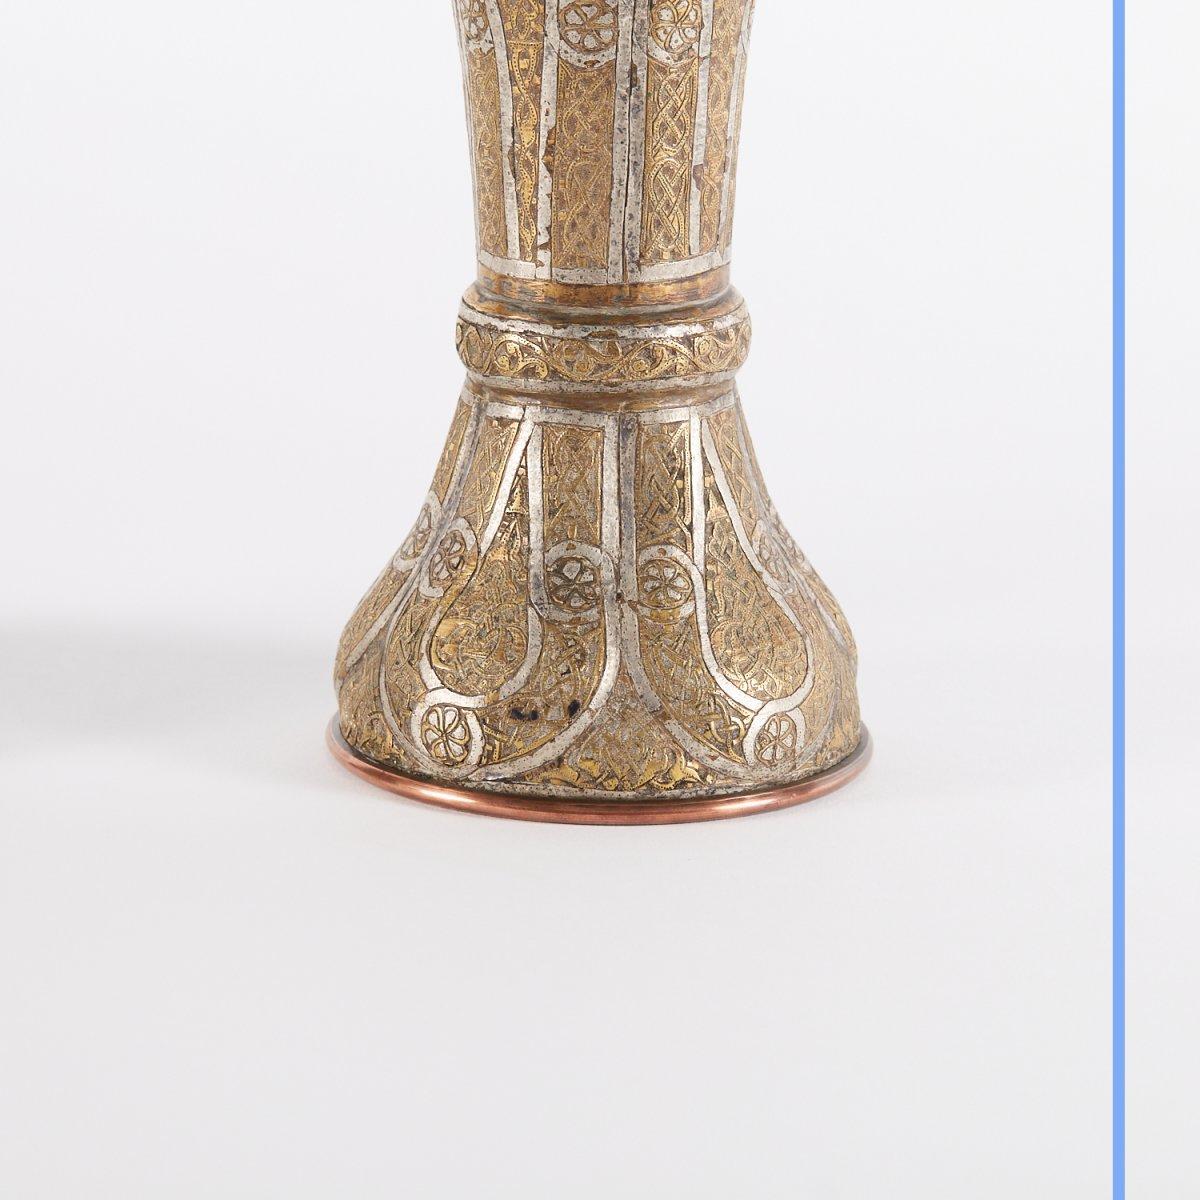 Paire de vases en métal argenté et doré gravé, Syrie, XIXe-photo-5